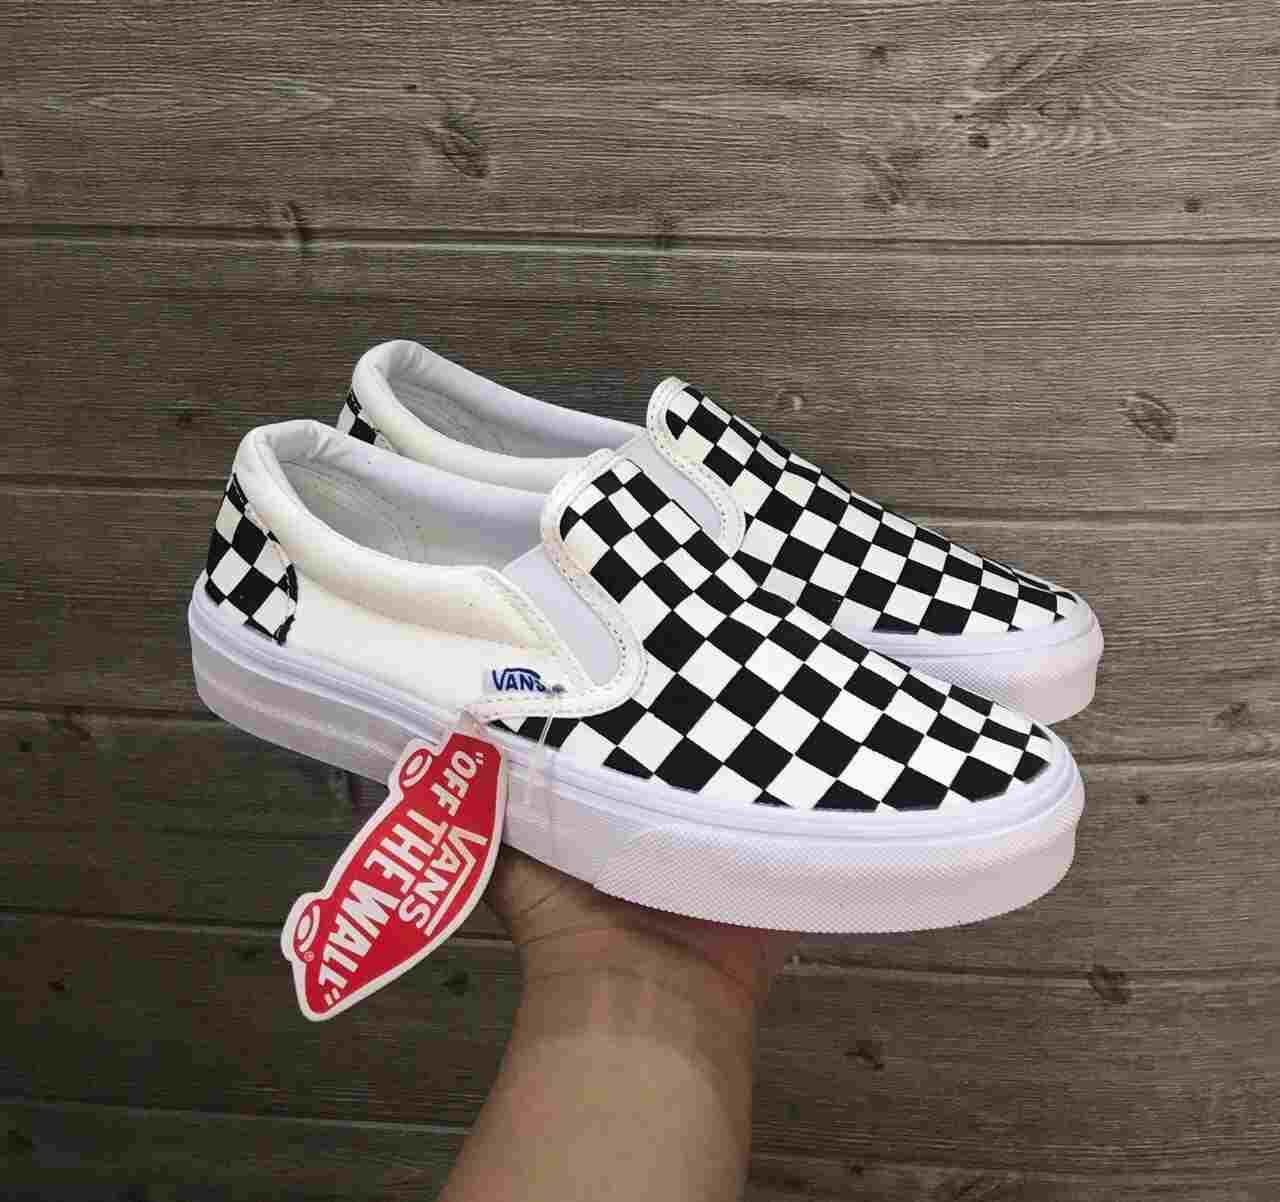 Slip-on hay giày lười có thiết kế ôm sát chân, không sử dụng dây buộc, bề mặt phía trước liền khối